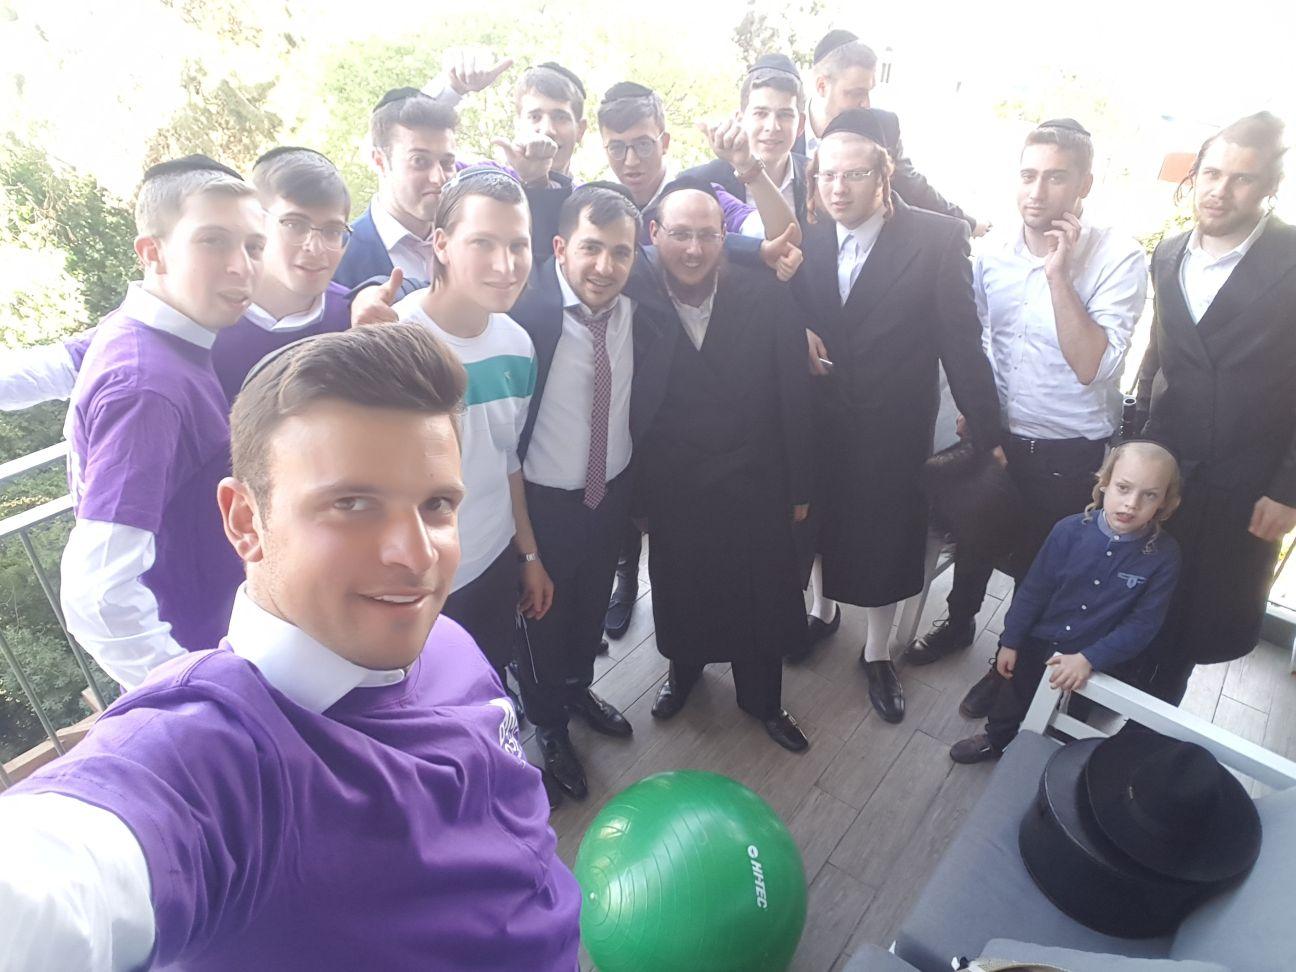 צפו: המתנדבים שימחו את העסקן שעבר אירוע לבבי